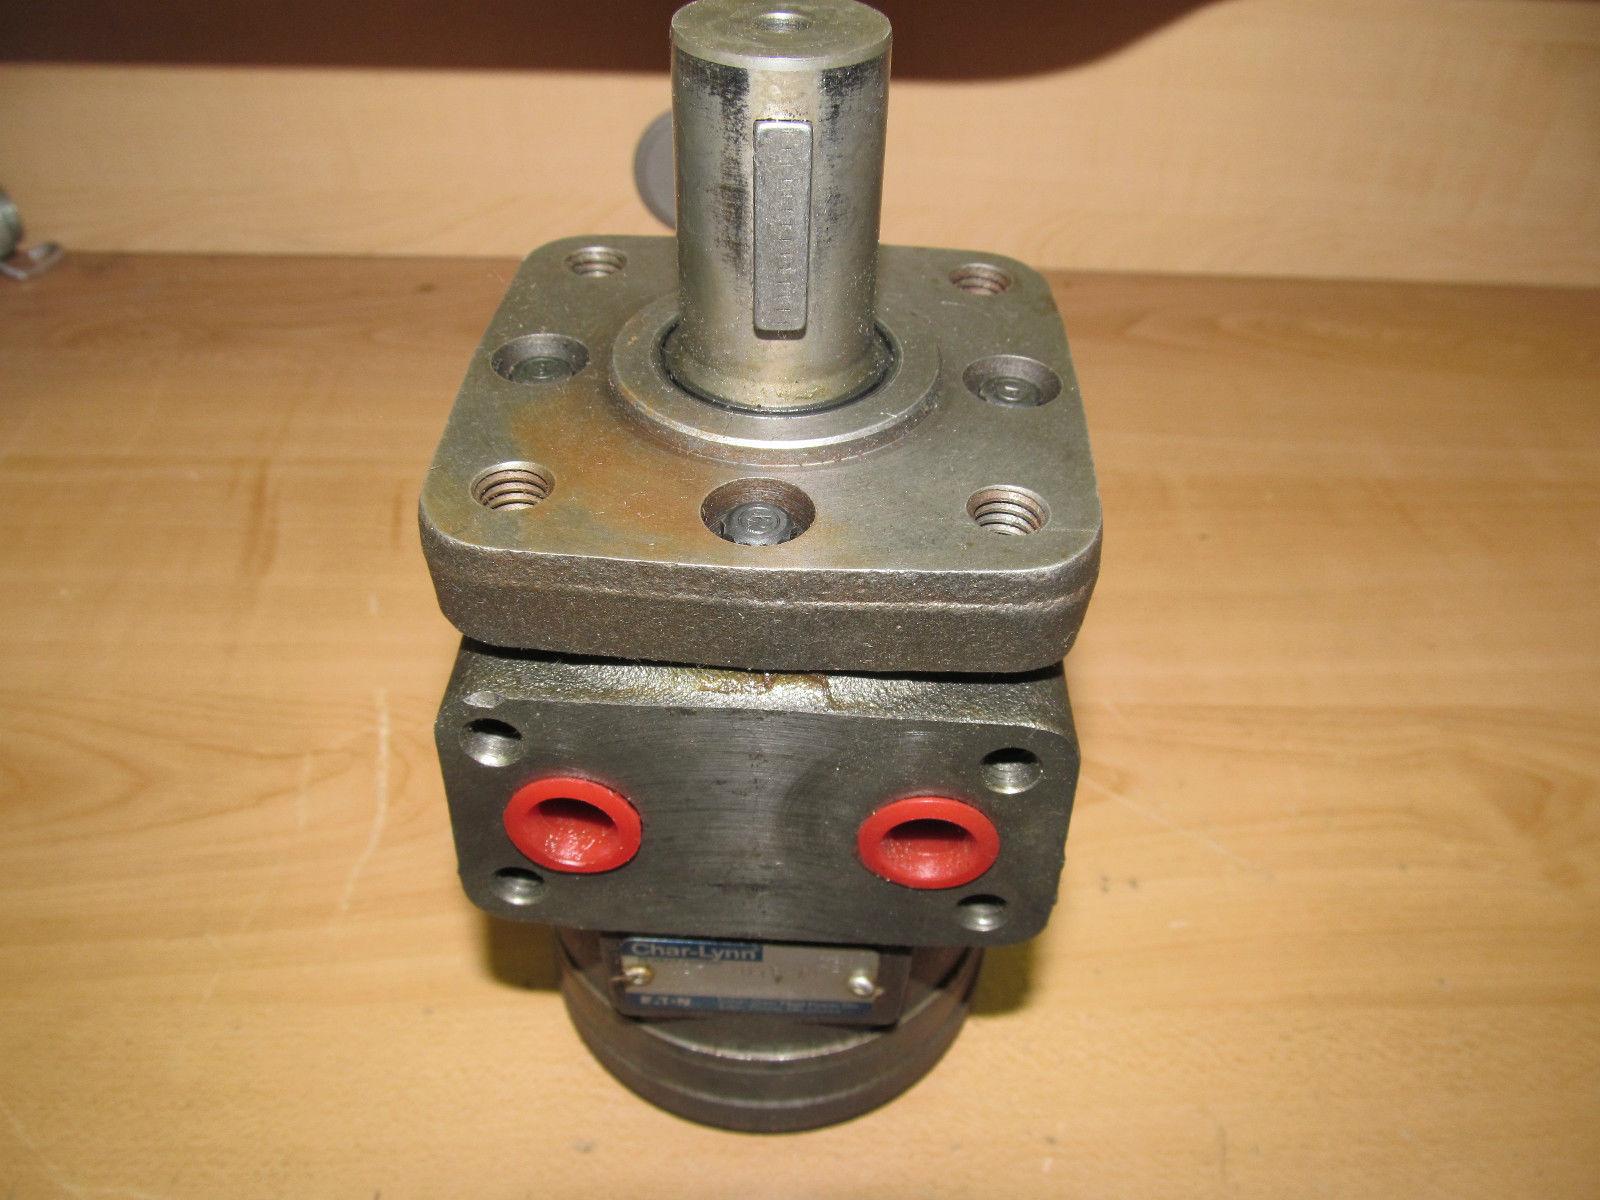 Used char lynn eaton hydraulic motor 101 1018 007 for Char lynn hydraulic motor repair